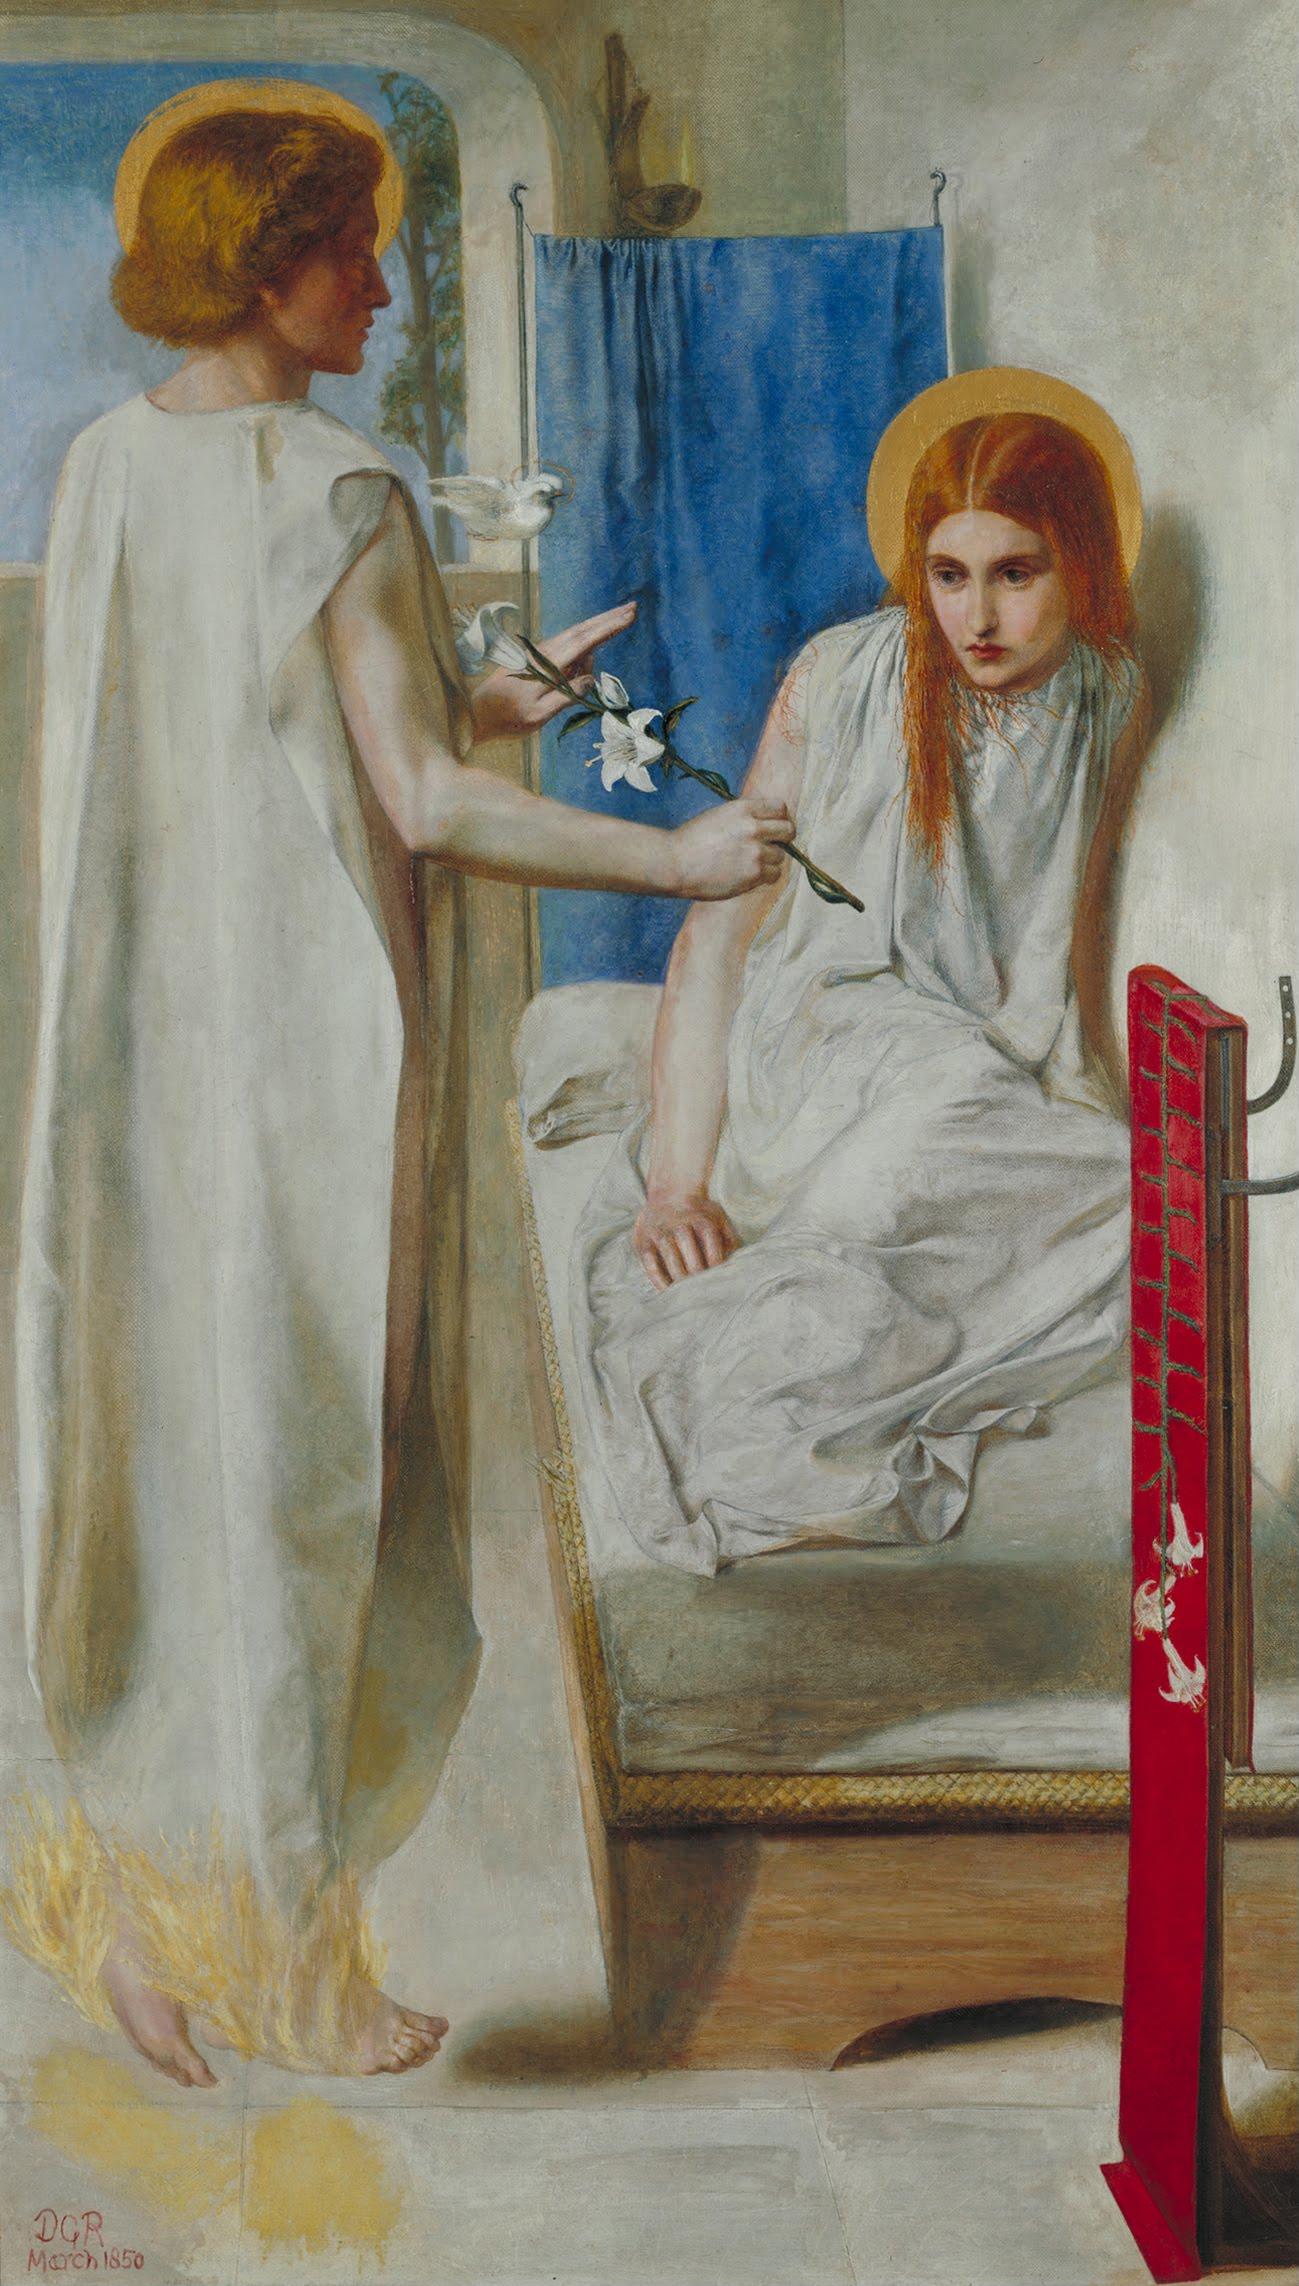 The Annunication or Ecce Ancilla Domini, by Dante Gabriel Rossetti